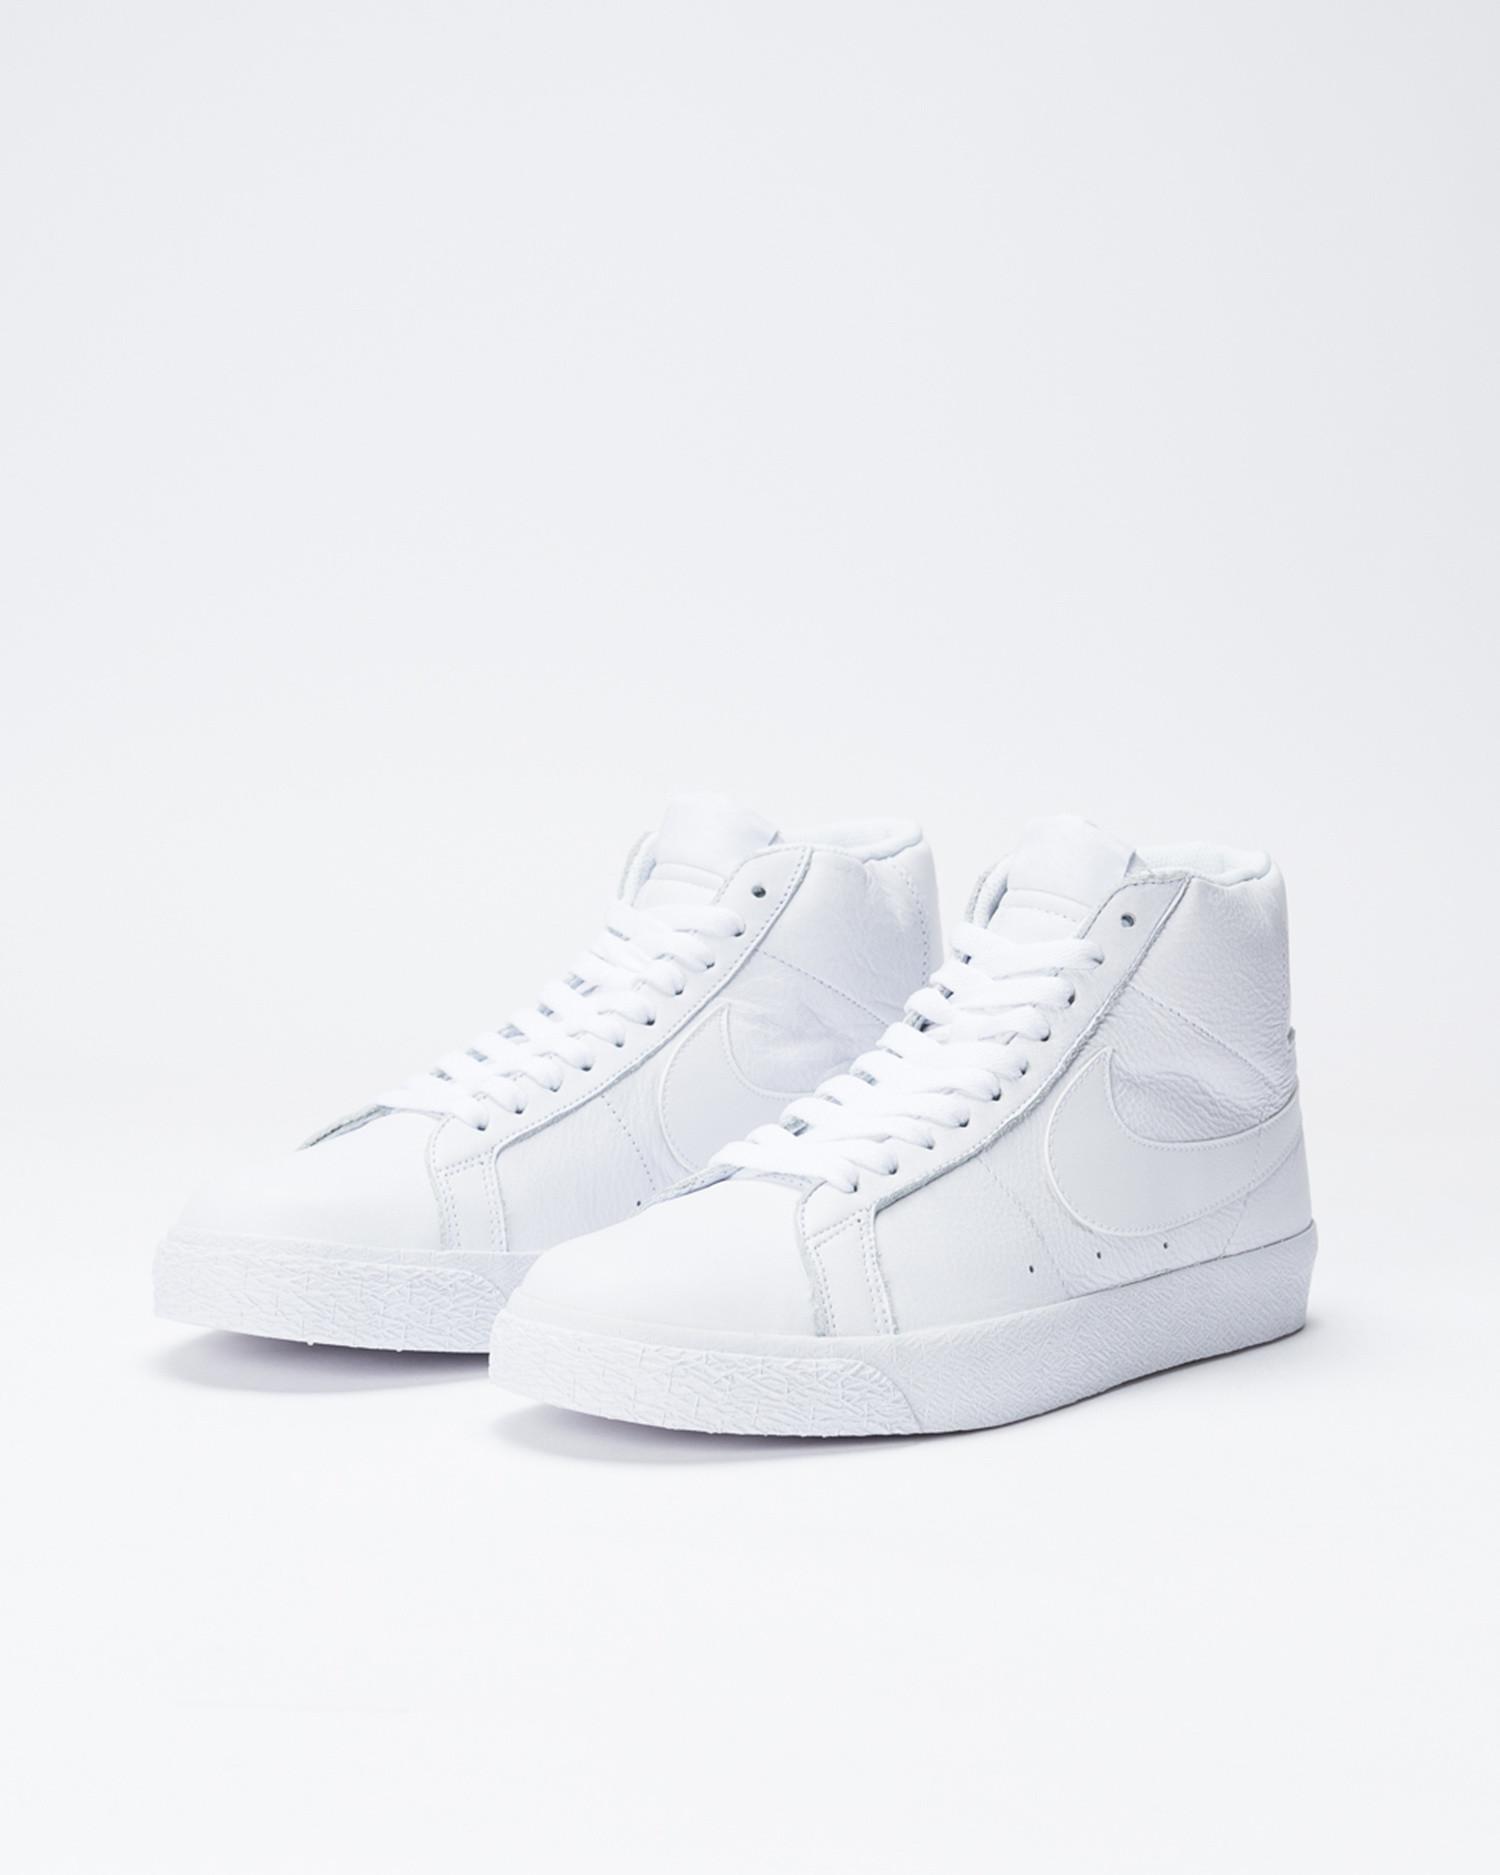 Nike SB Zoom Blazer Mid White/White-White